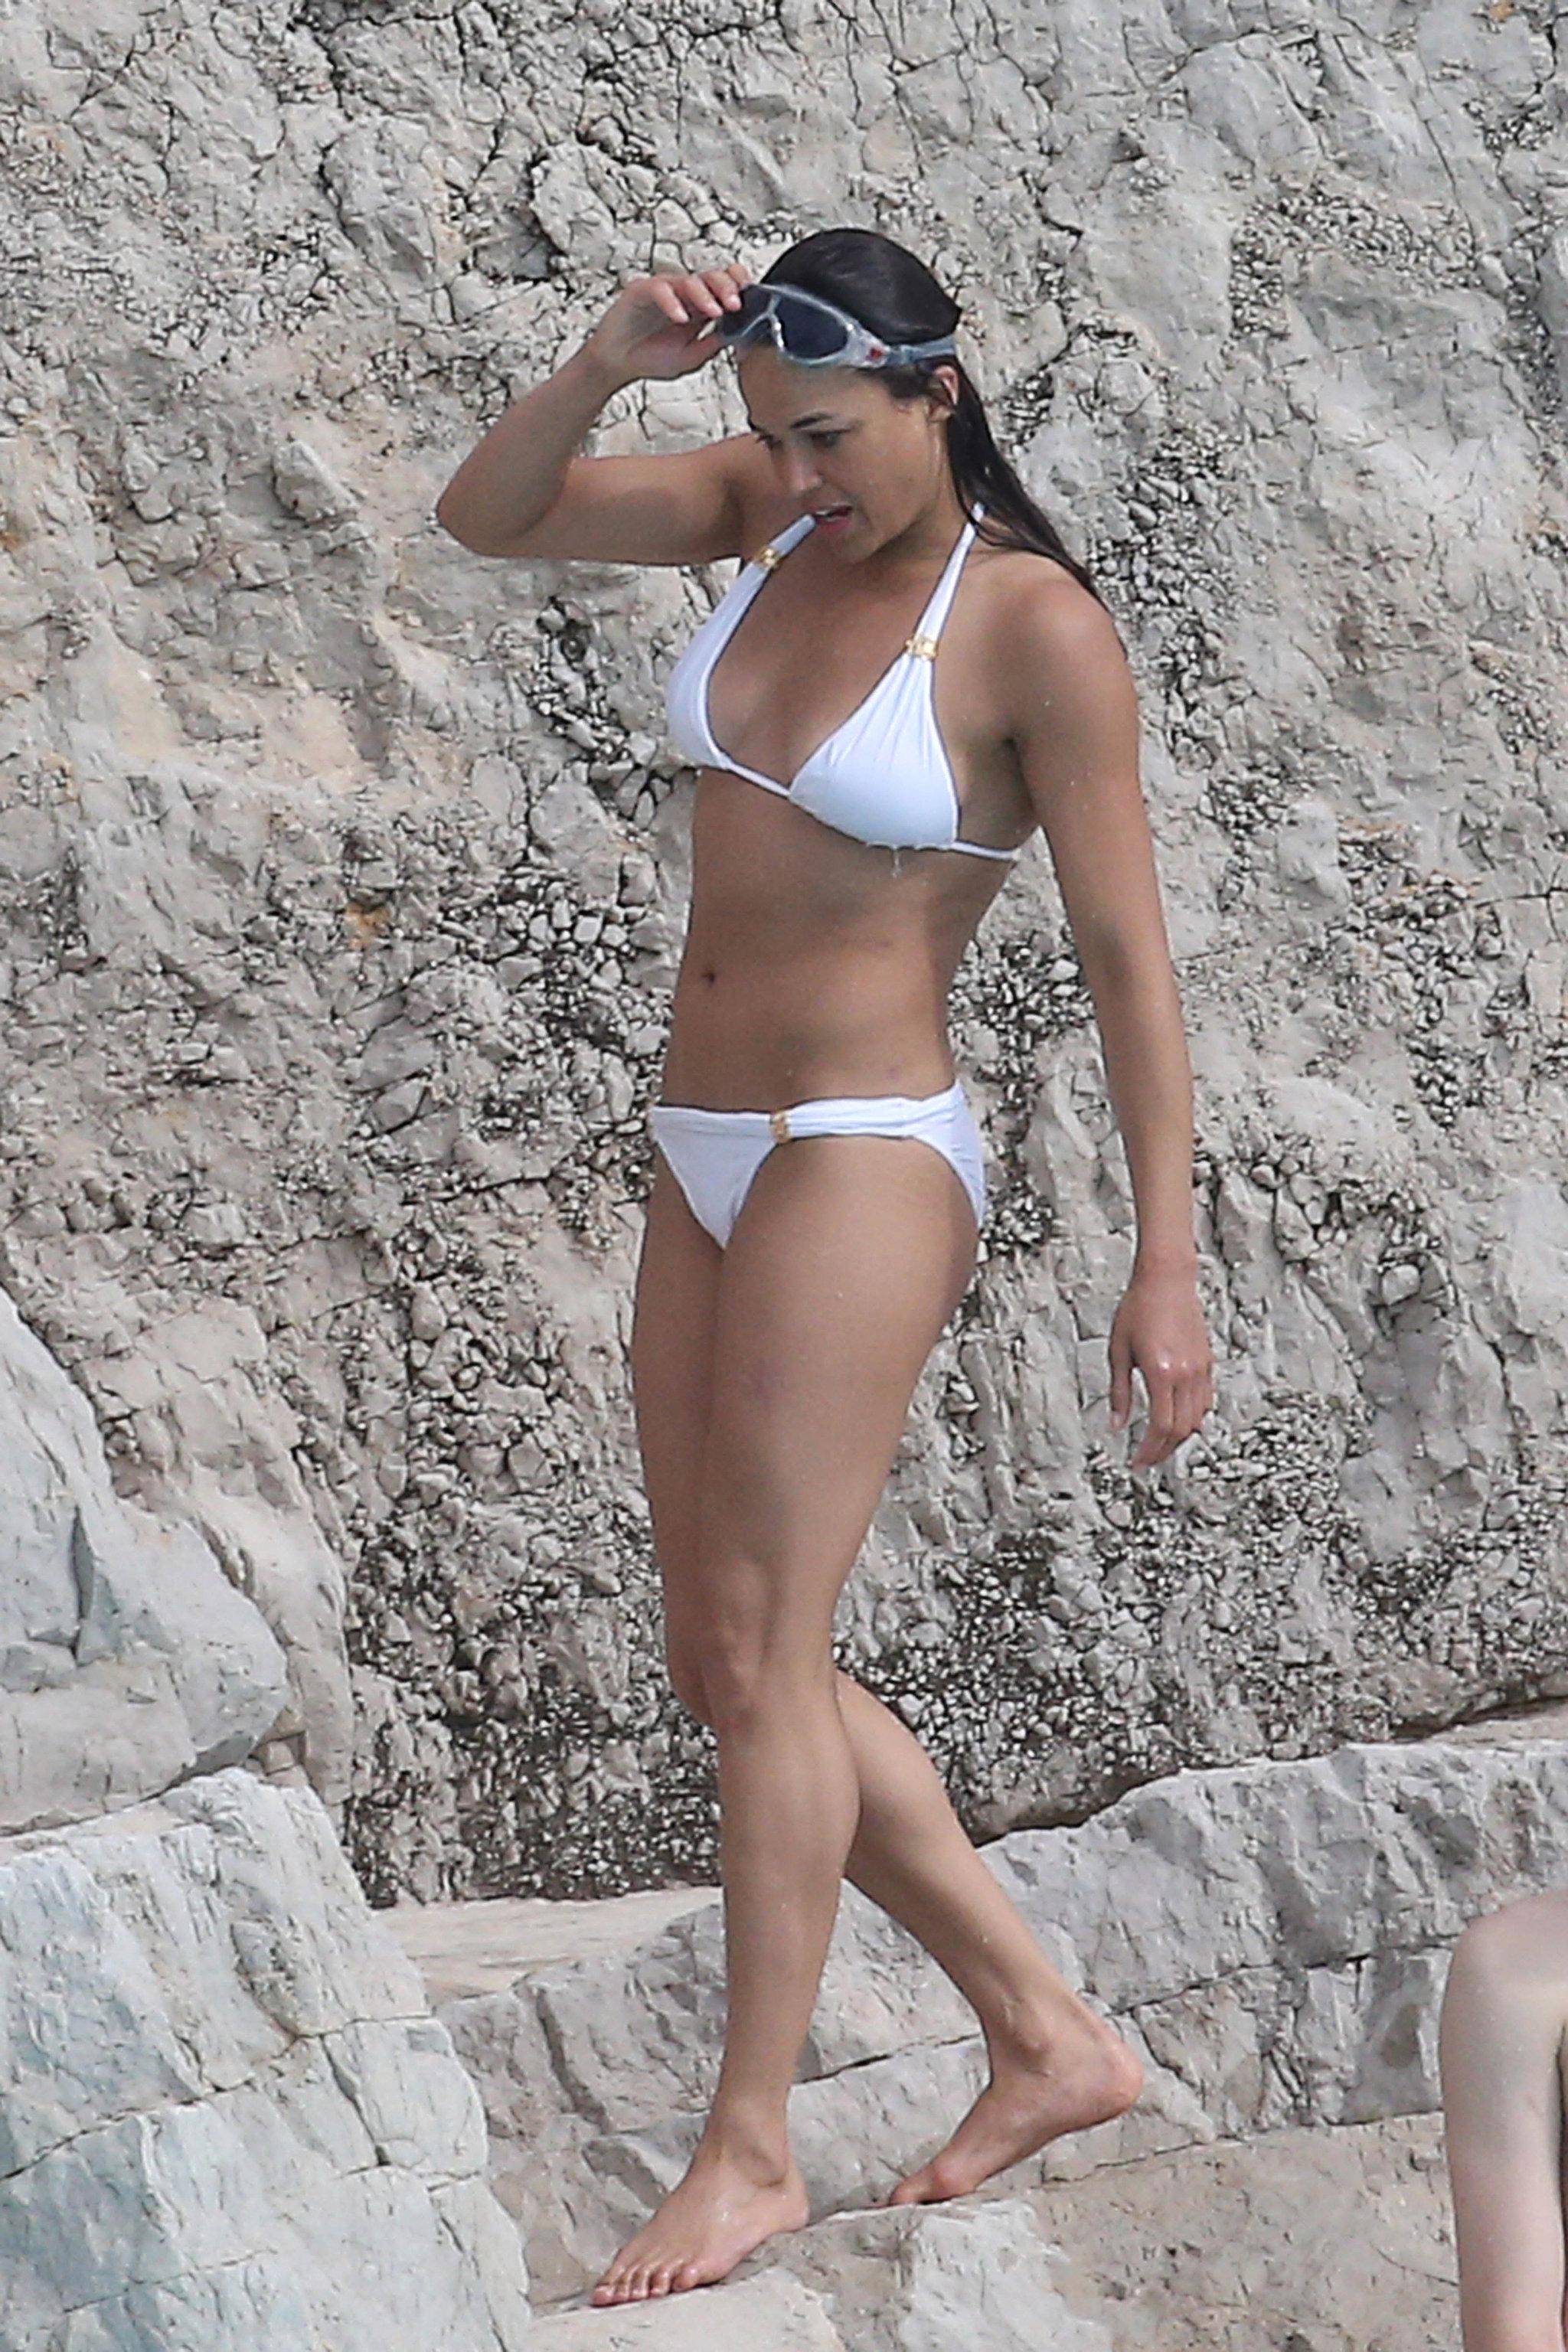 Michelle-Rodriguez-proved-she-still-had-rockin-bikini-body-while